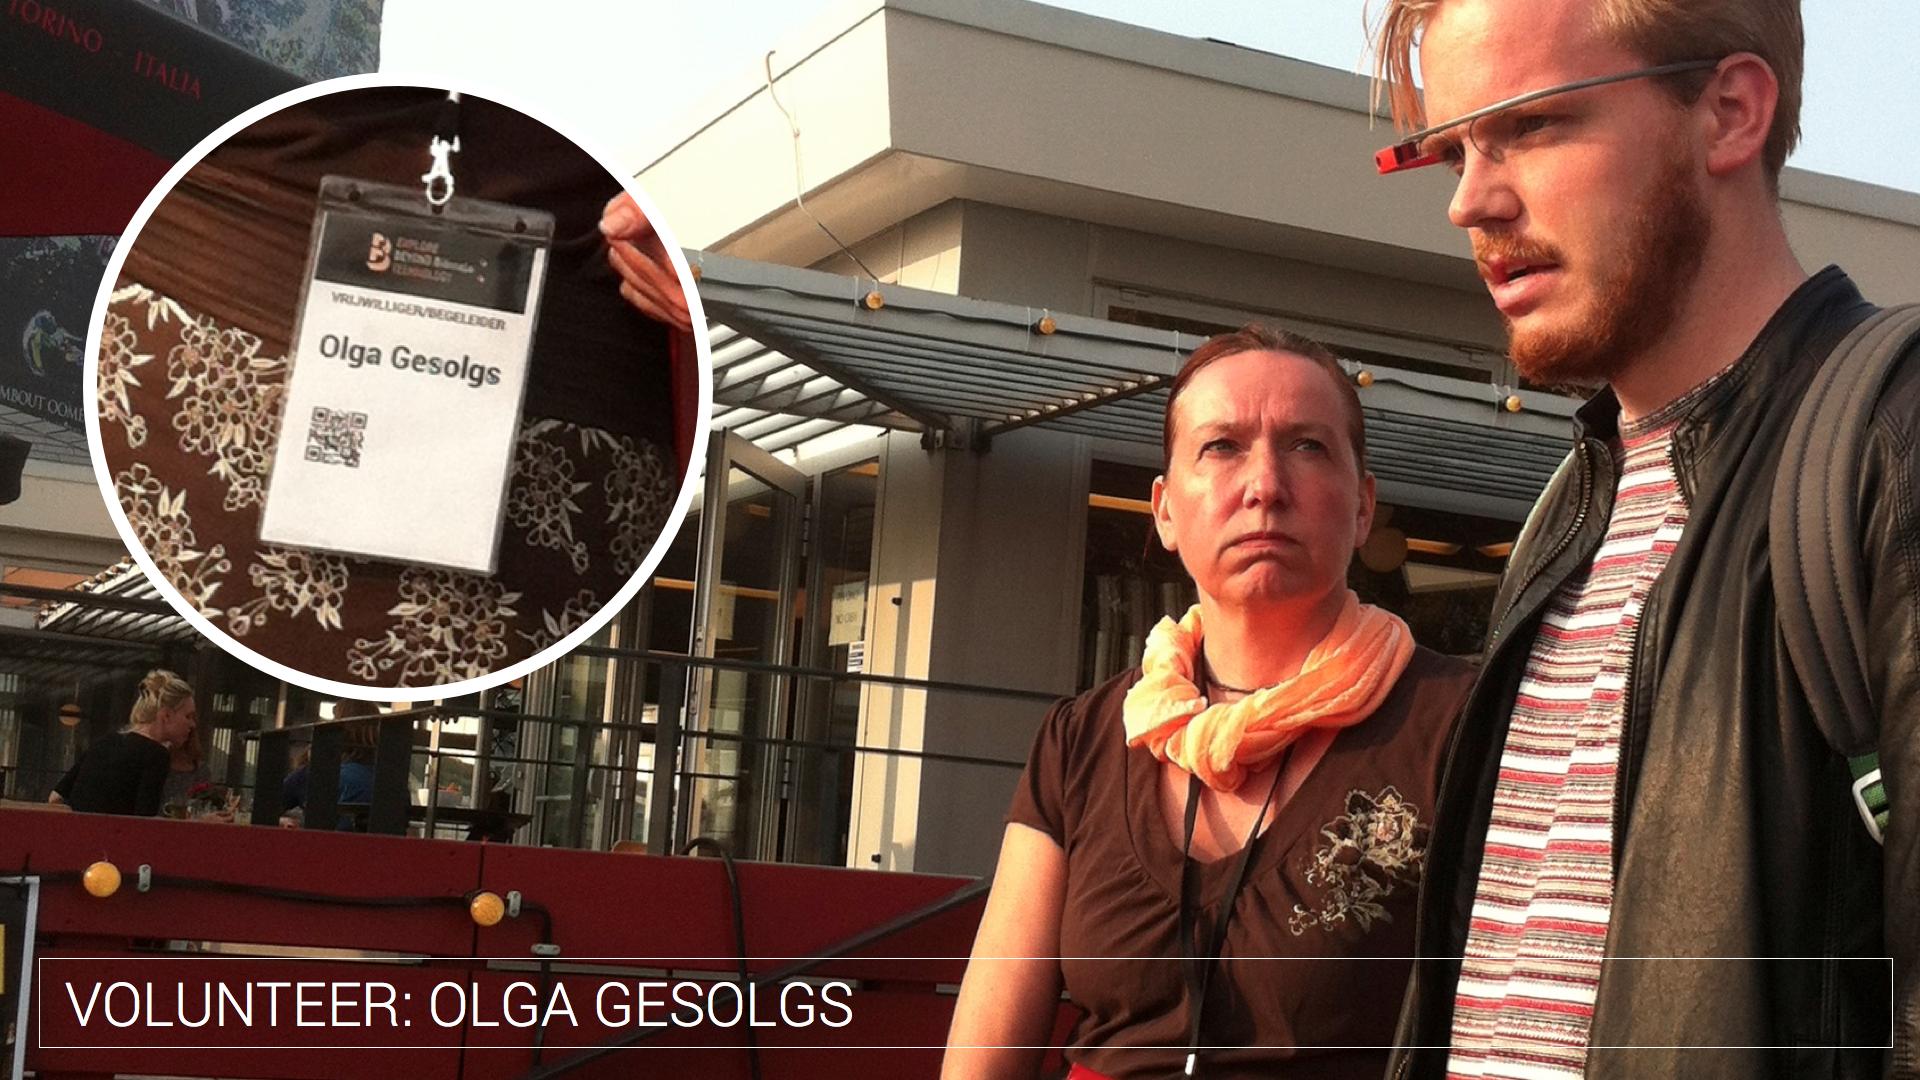 Olga Gesolgs